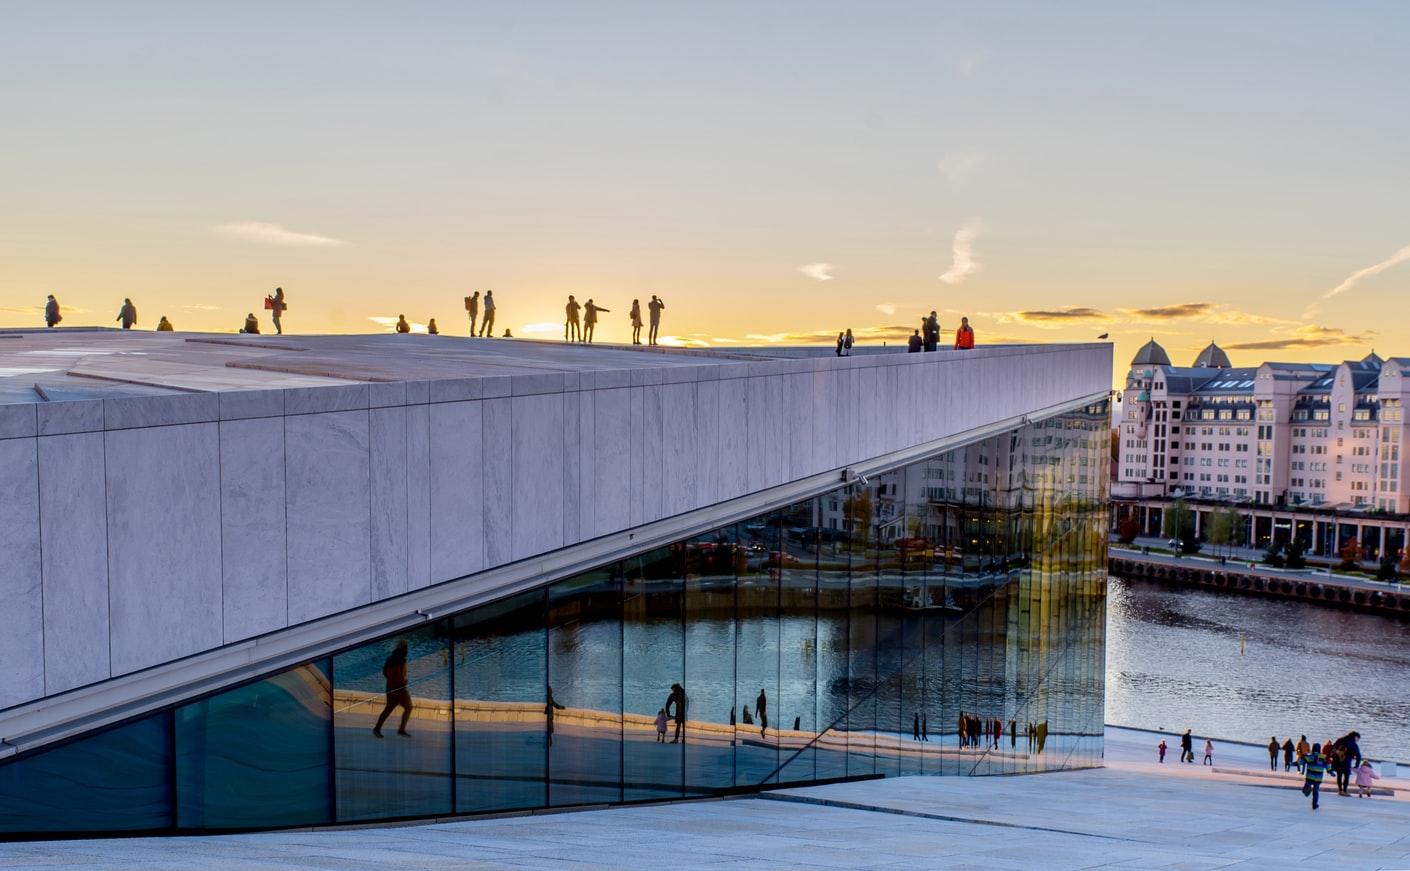 Blick auf das Dach der Oper und Hafen in Oslo Norwegen